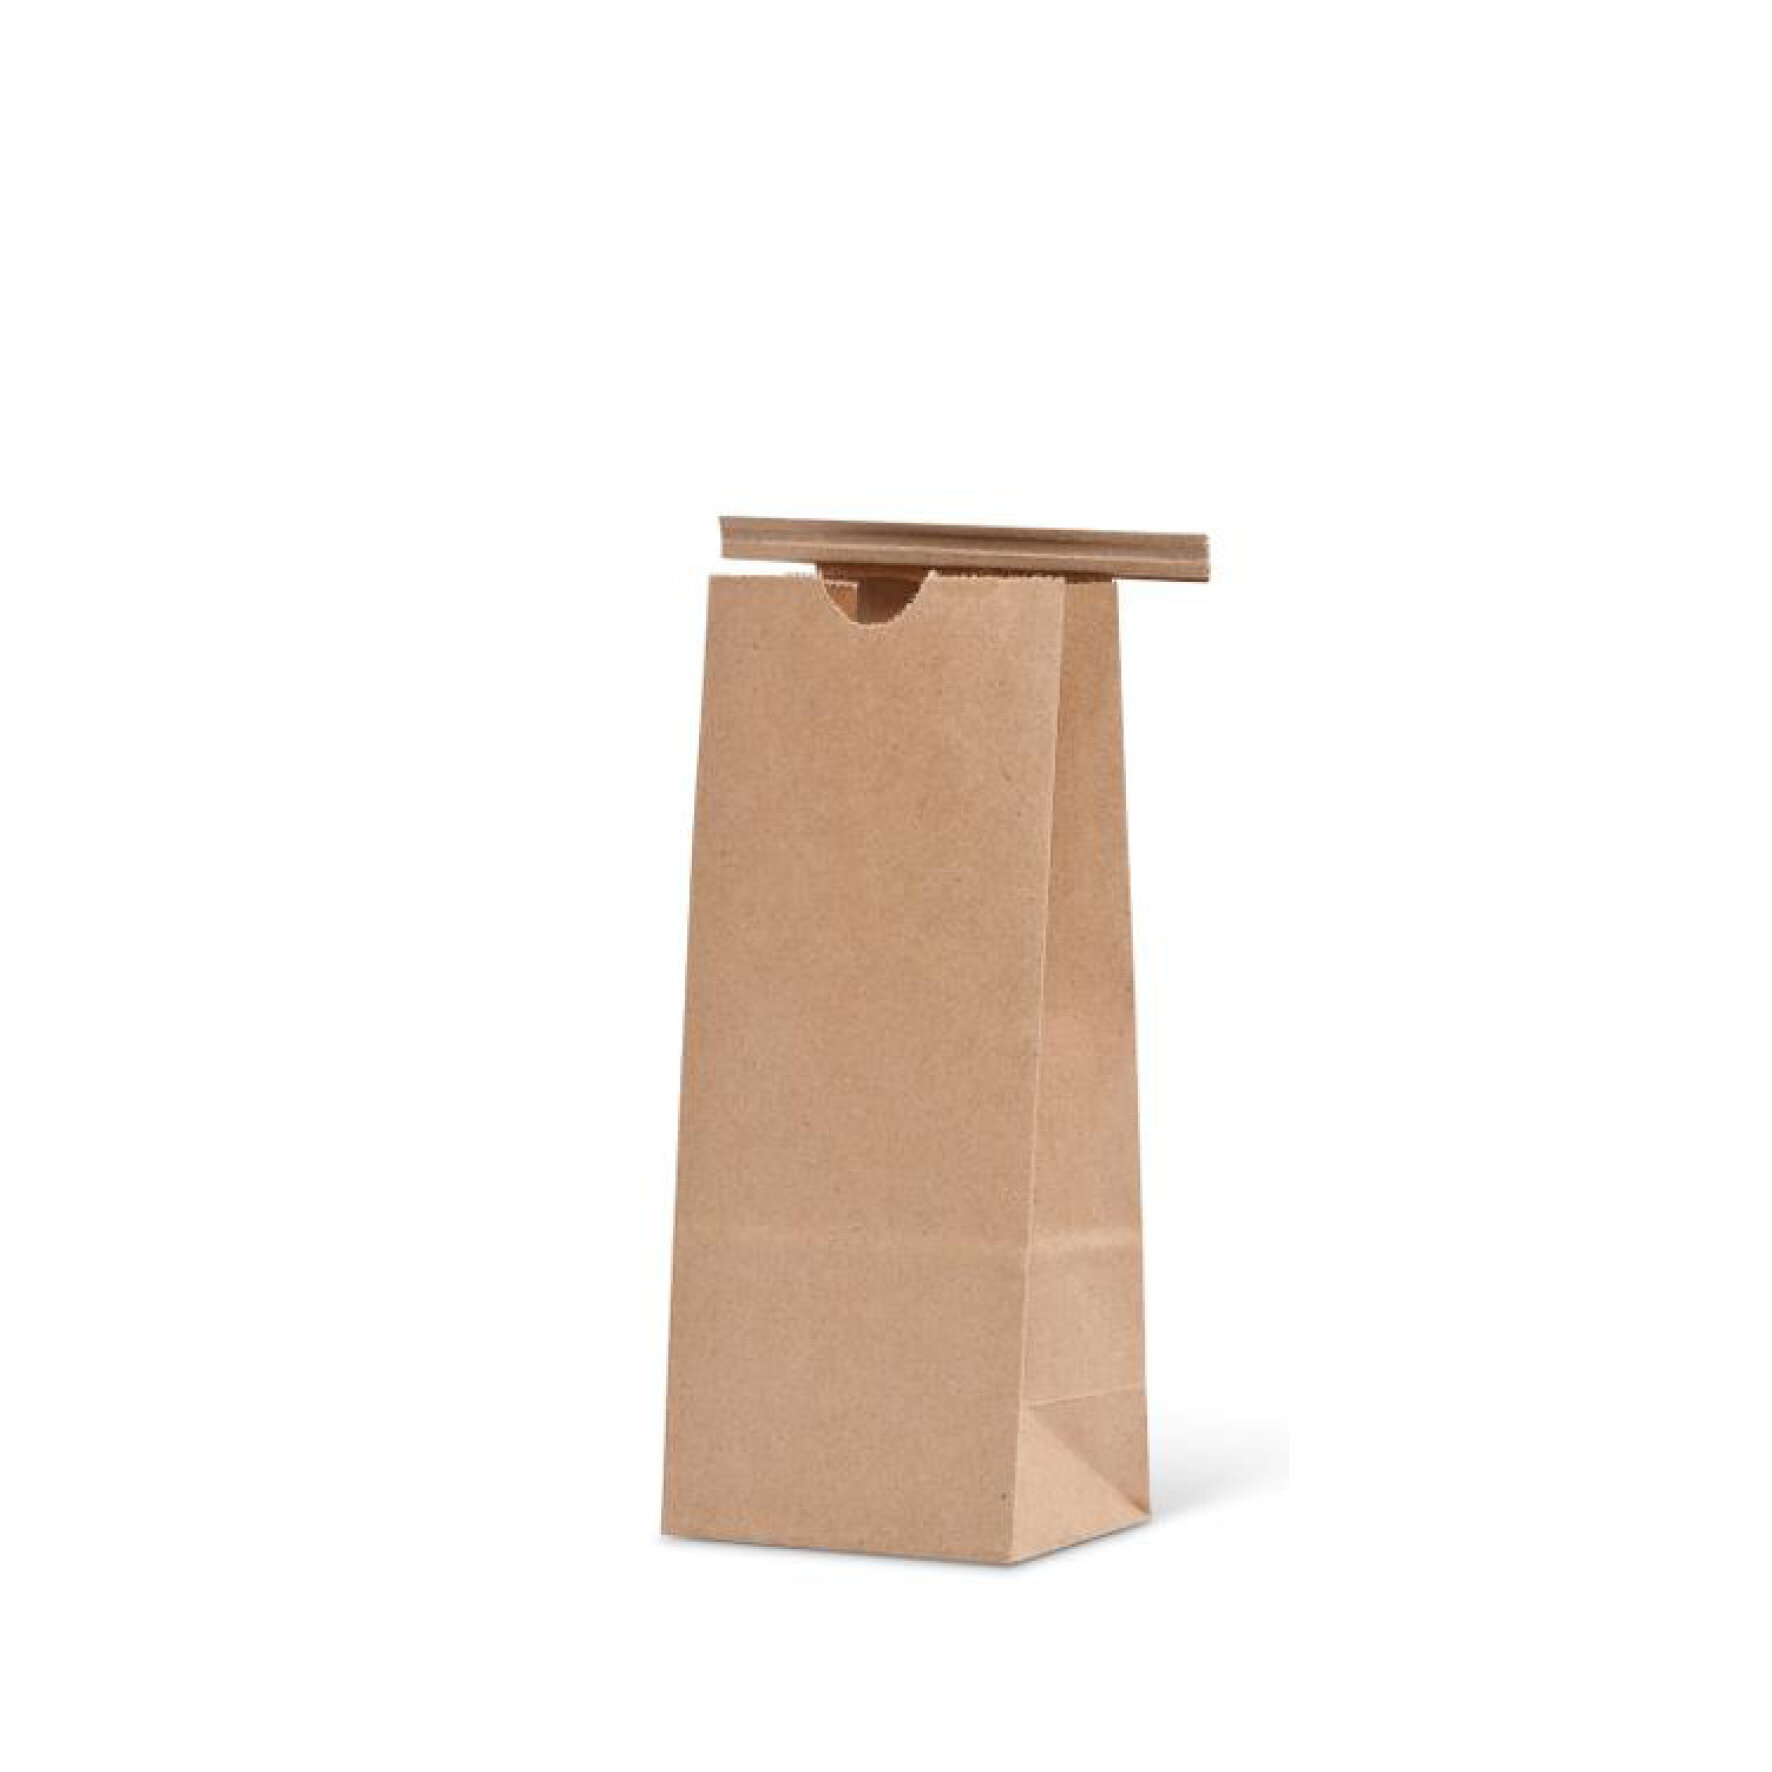 WEBAbag  Drahtclipbeutel  aus Kraftpapier    individuell bedruckbar, kompostierbar (Drahtclip muss entfernt werden)